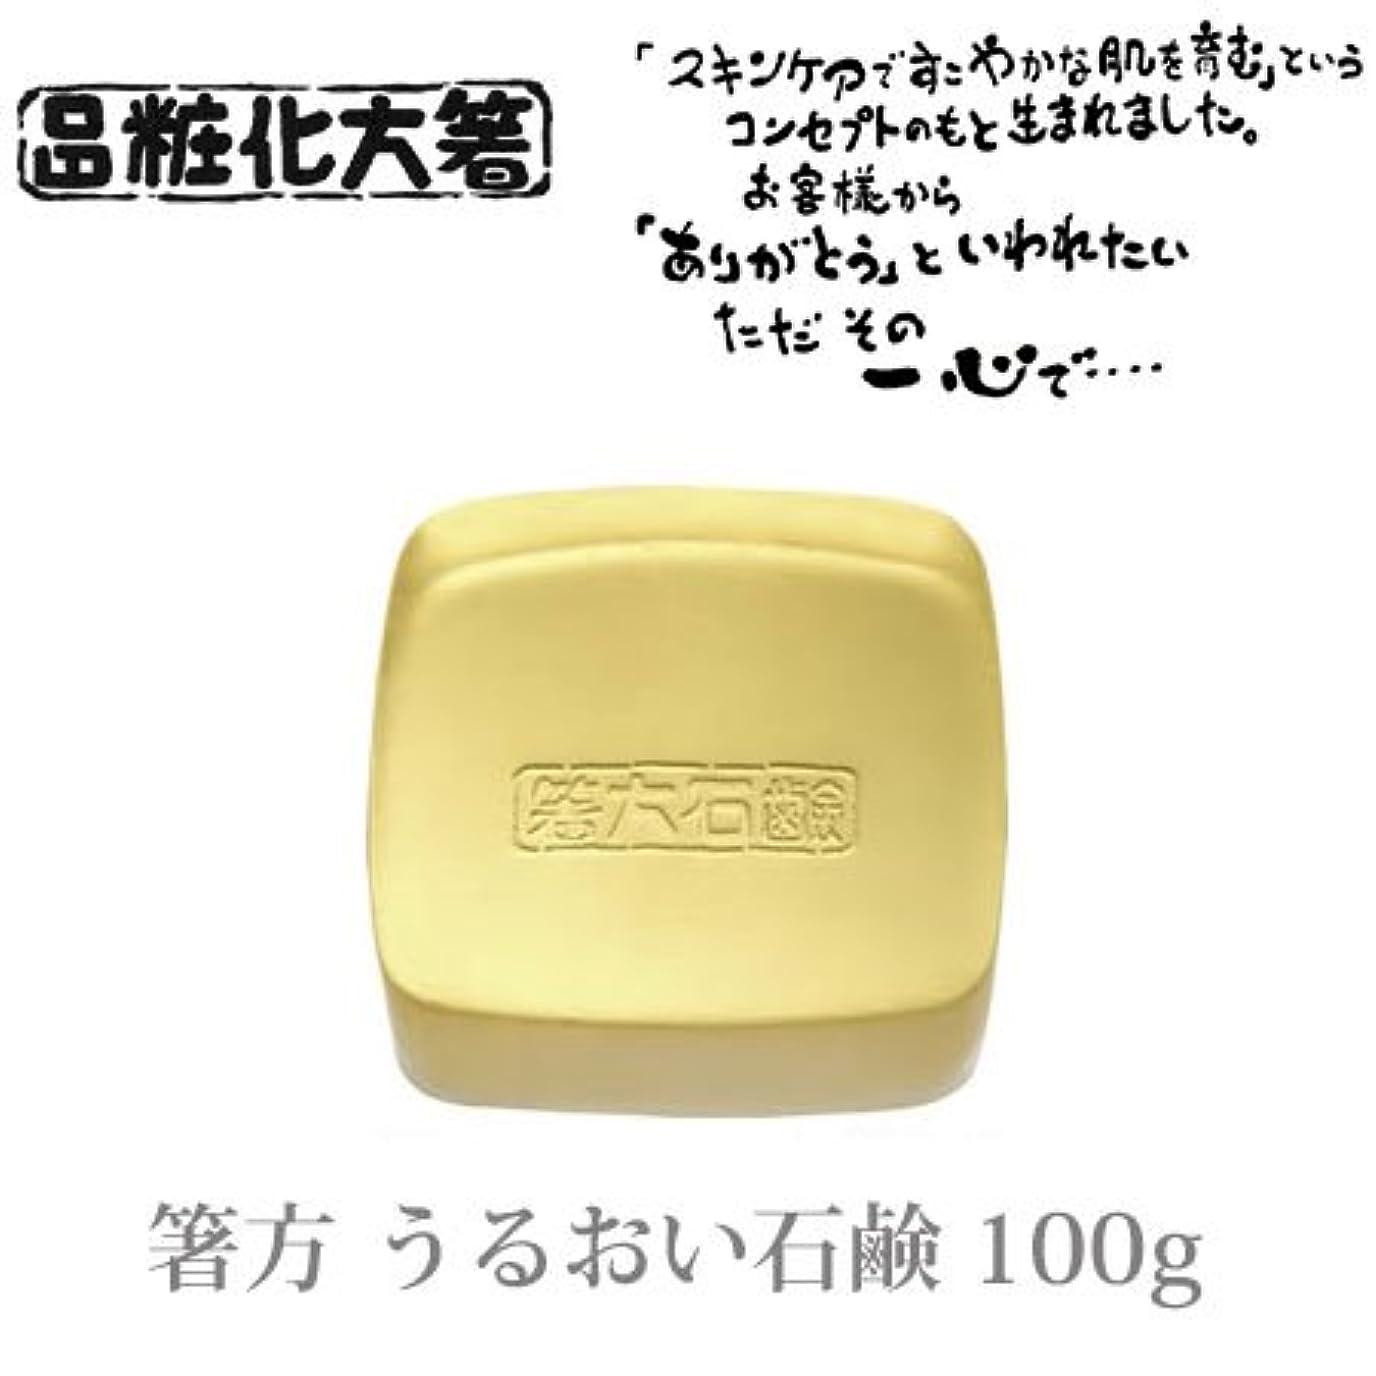 不利益大西洋ストレンジャー箸方化粧品 うるおい石鹸 100g はしかた化粧品